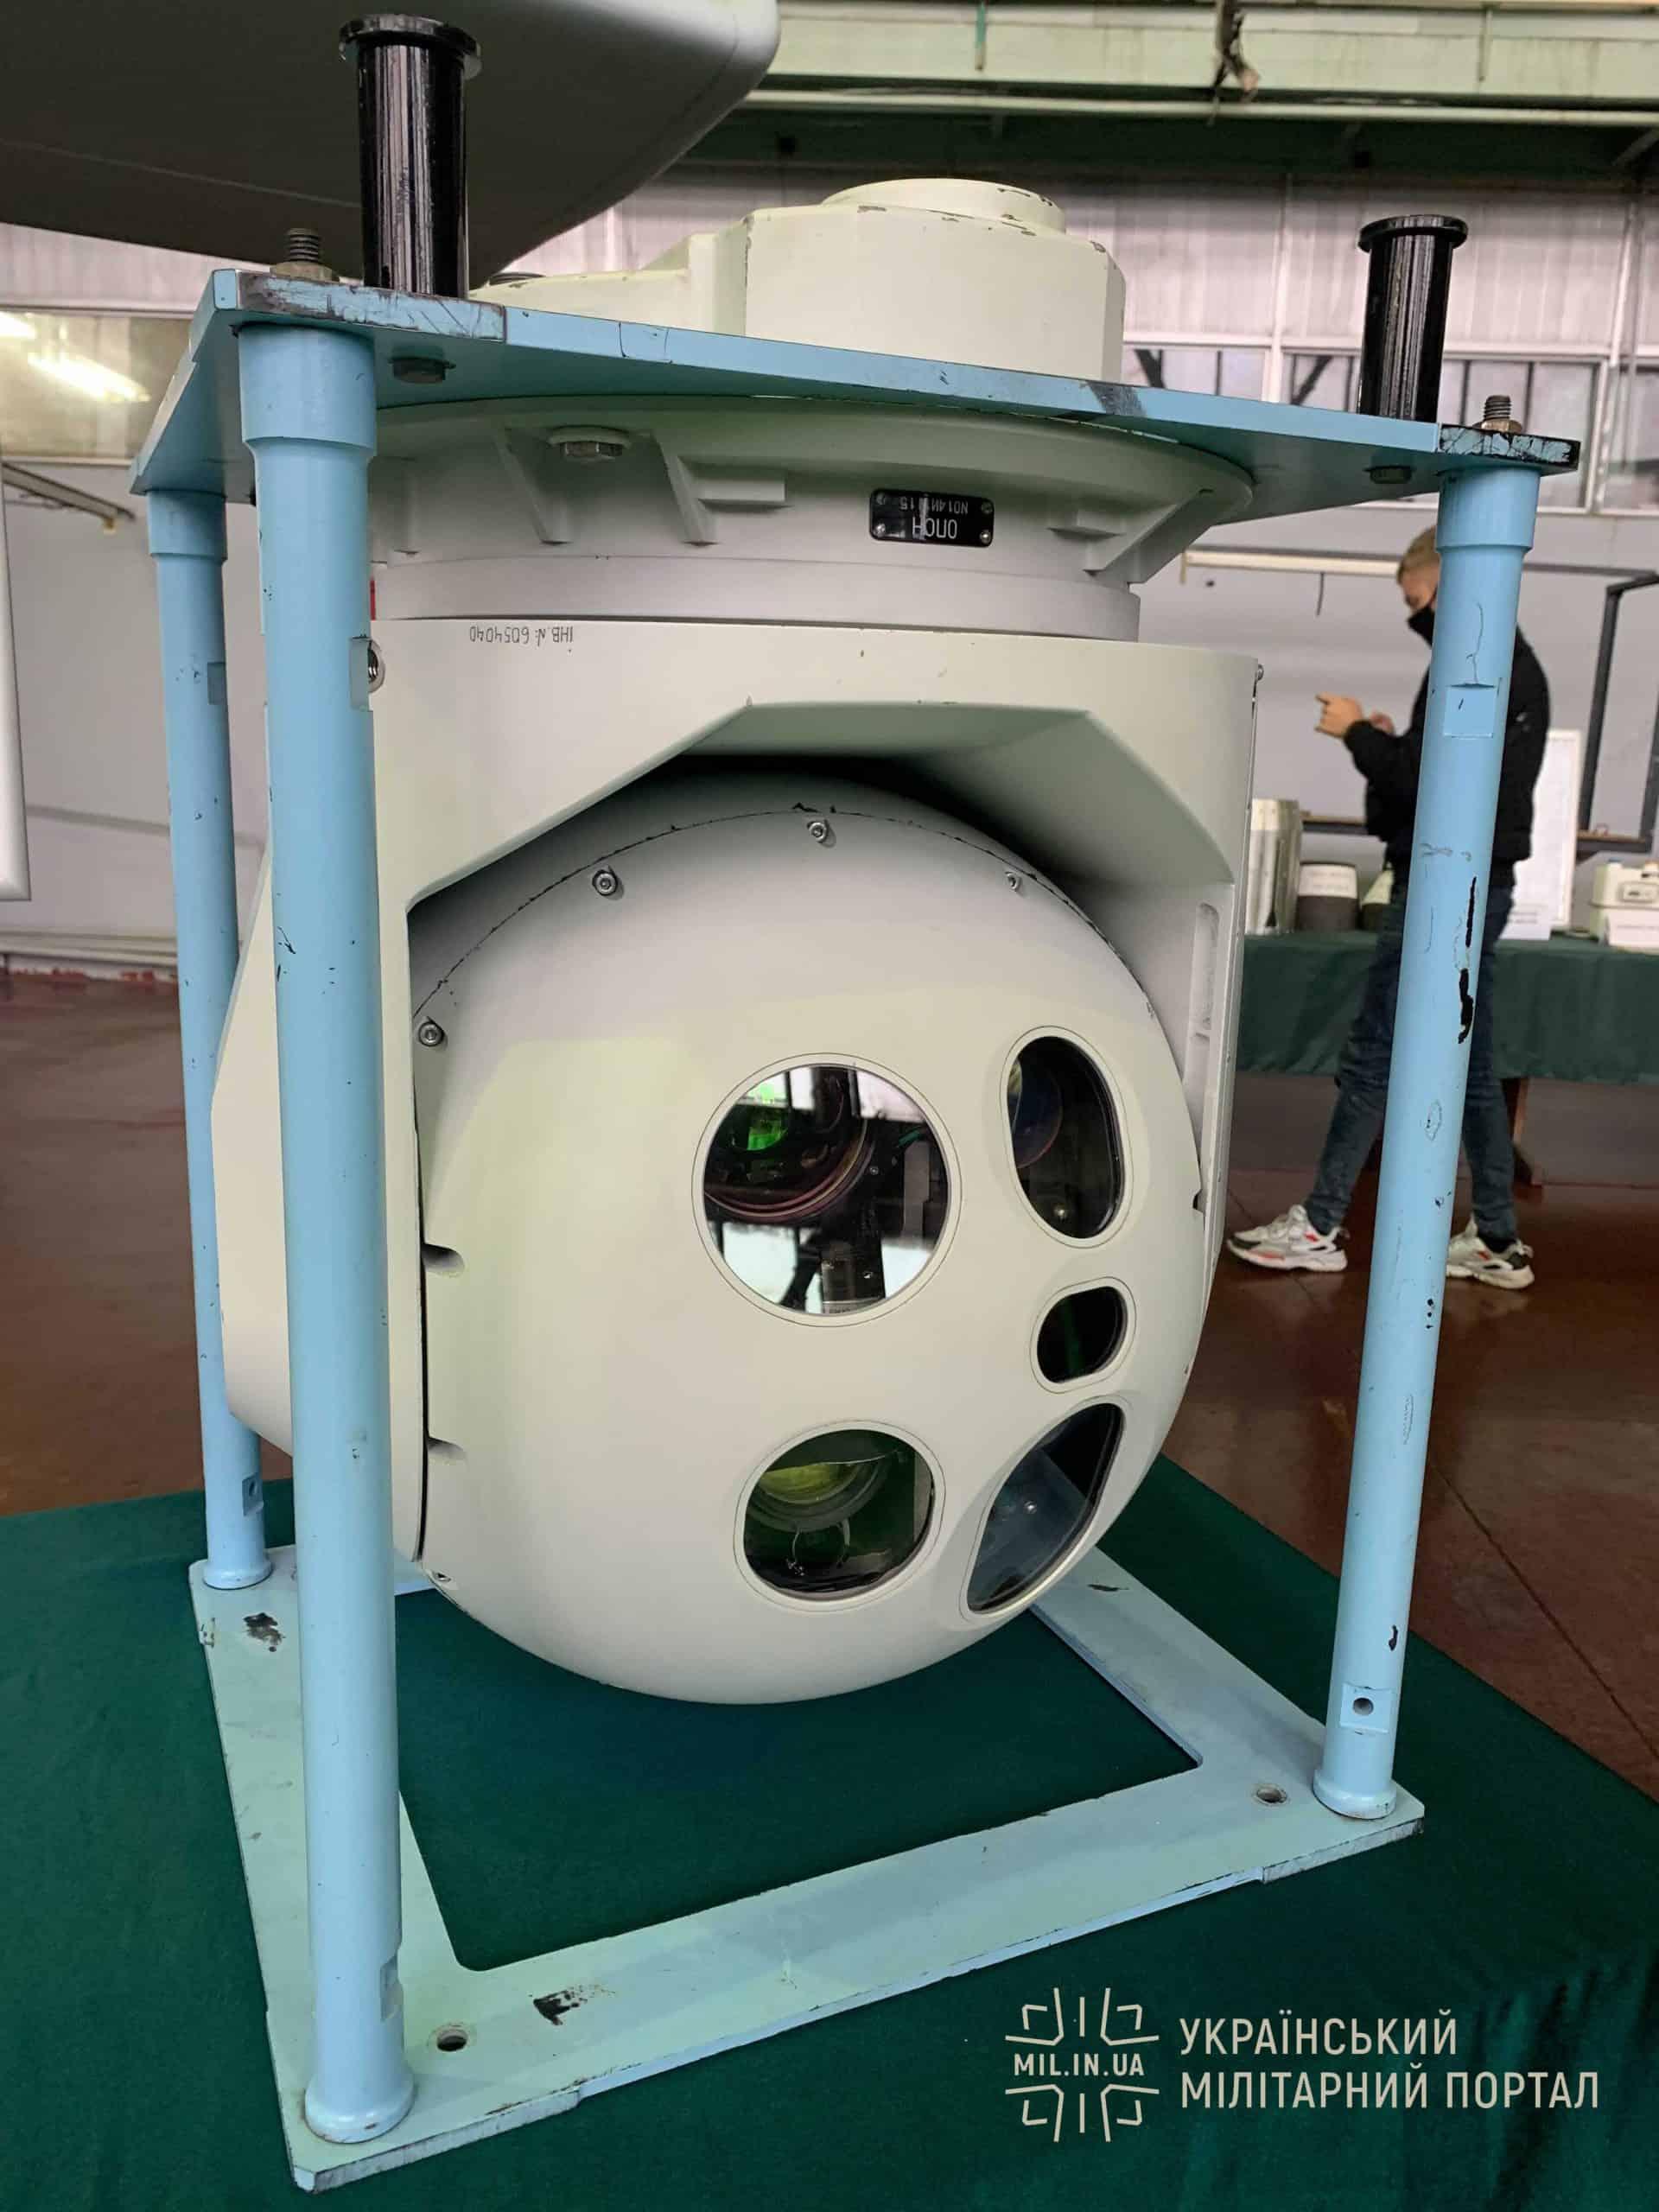 Оптико-електронна стація для БПЛА «Сокіл-300»